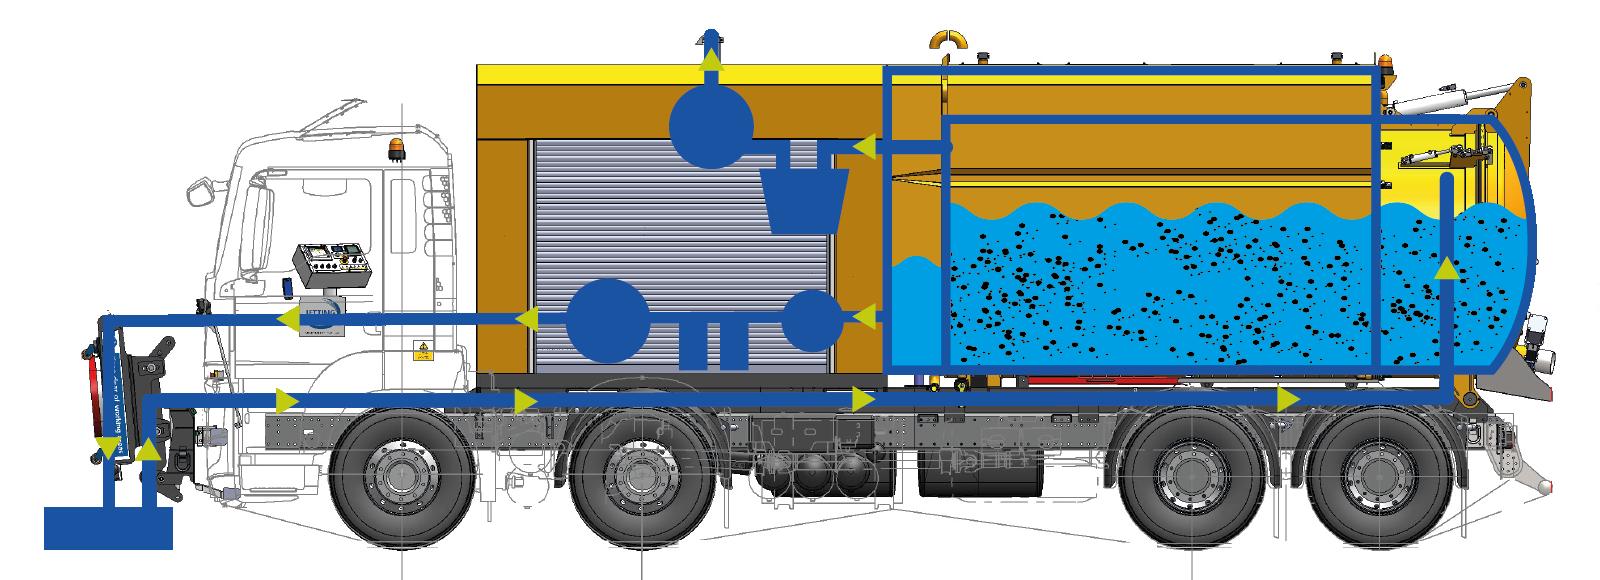 Schema des Gummientfernungssystems der Osprey-Landebahn